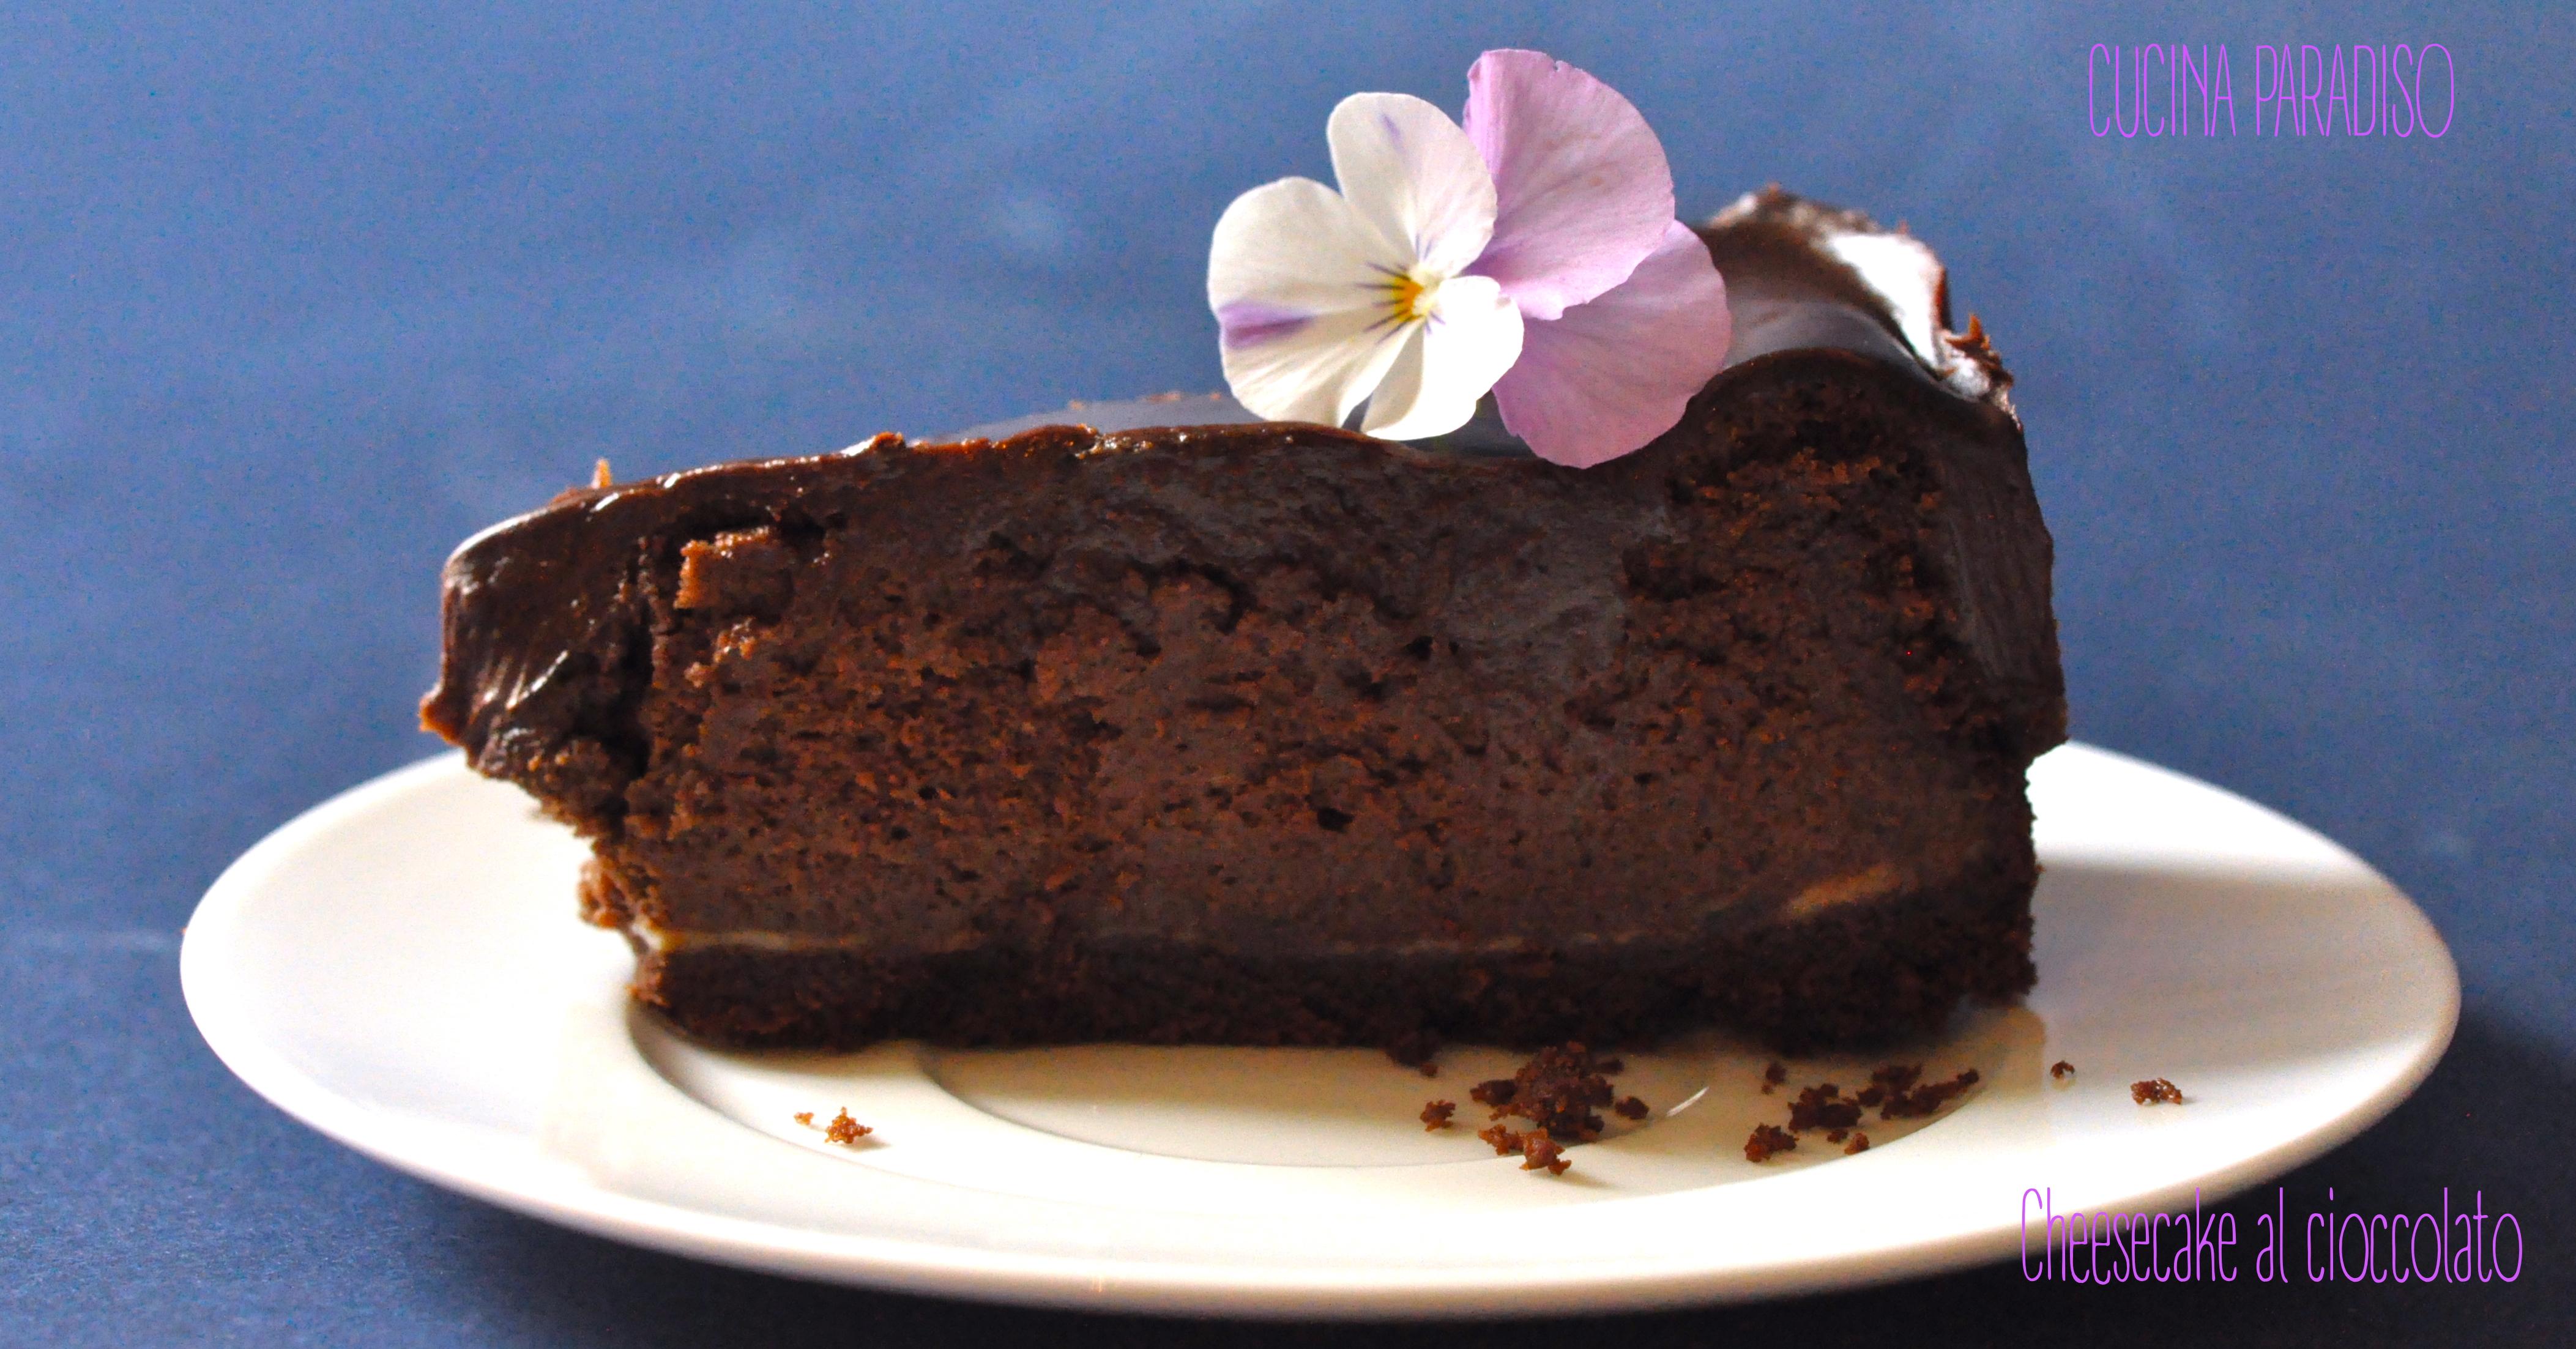 Cheesecake al cioccolato4